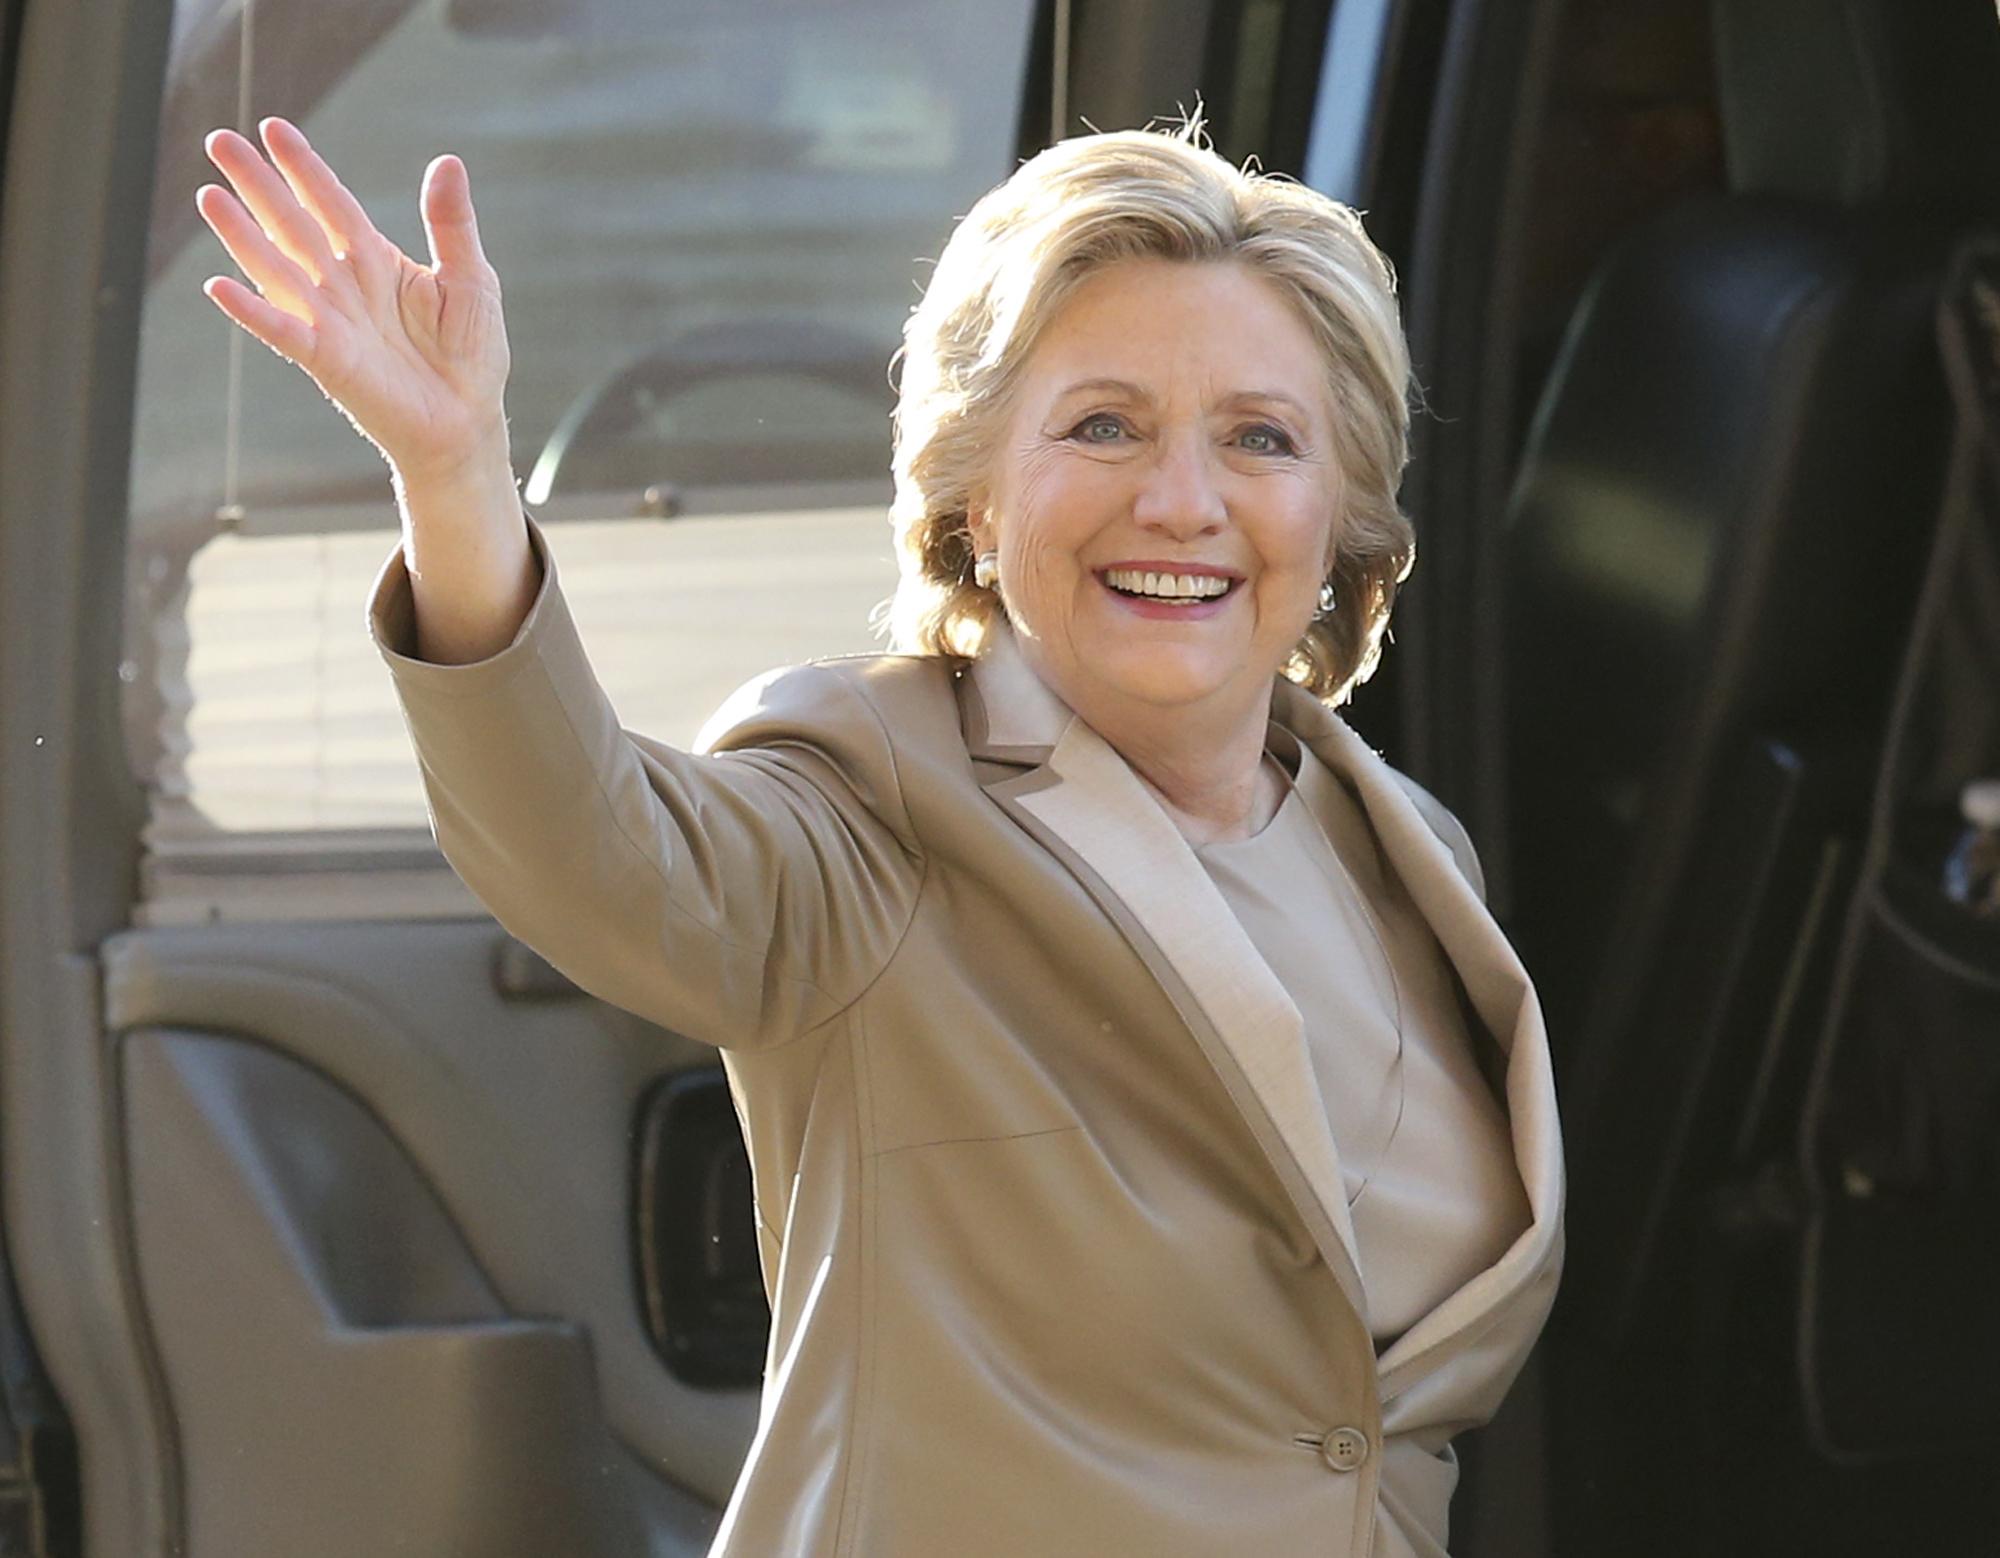 Hillary Rodham Clinton waving and smiling at camera (© AP Images)